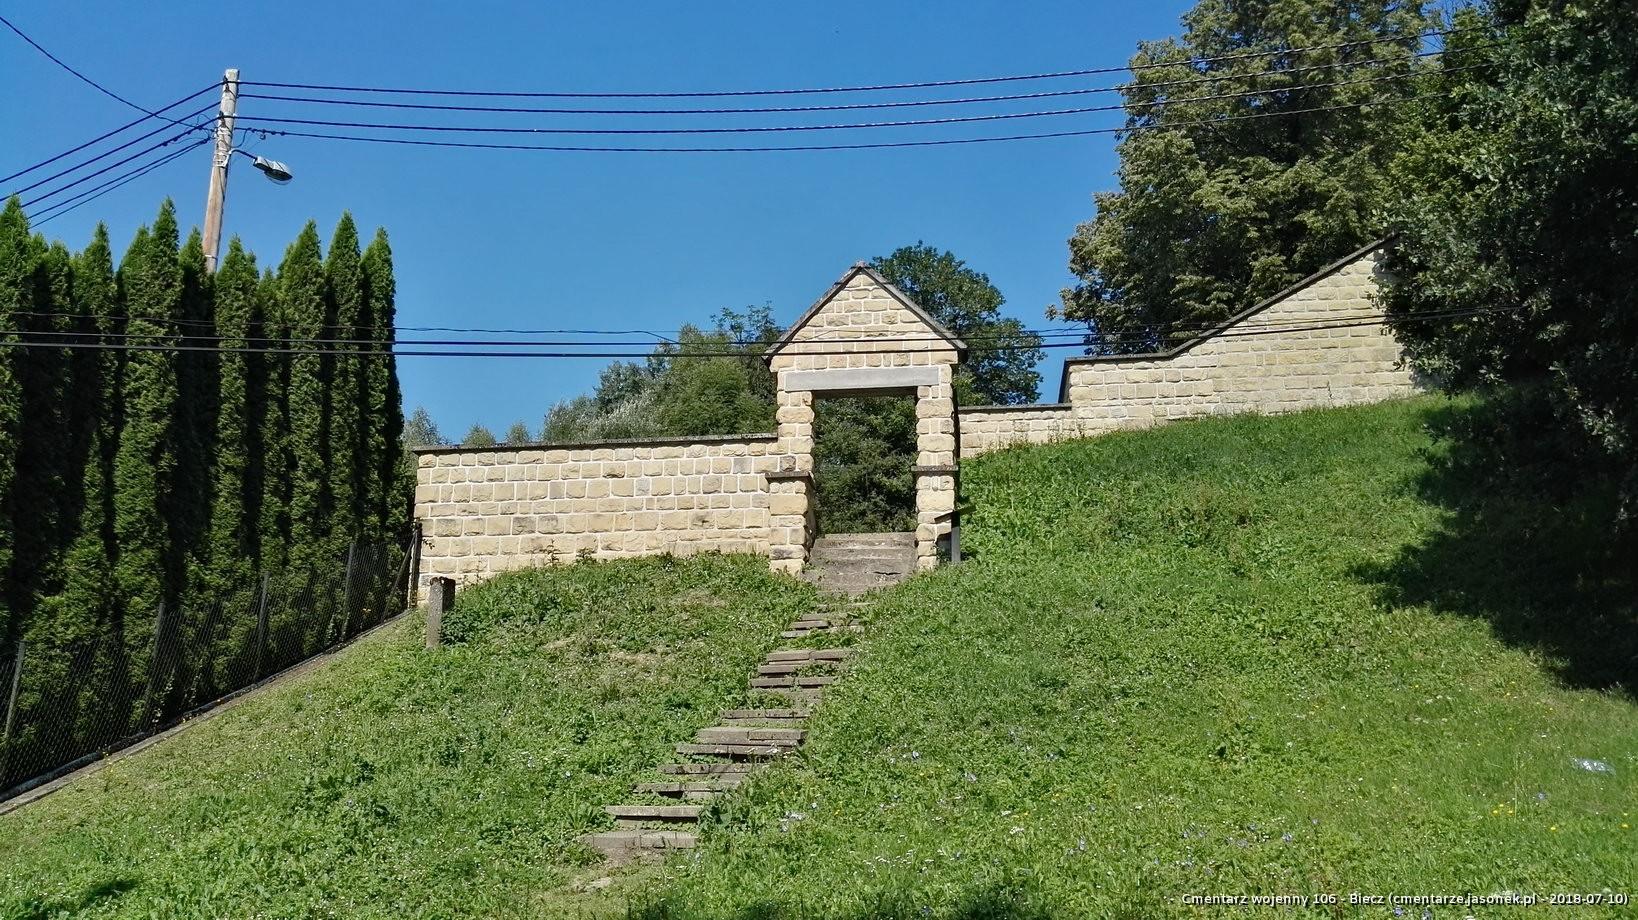 Cmentarz wojenny 106 - Biecz